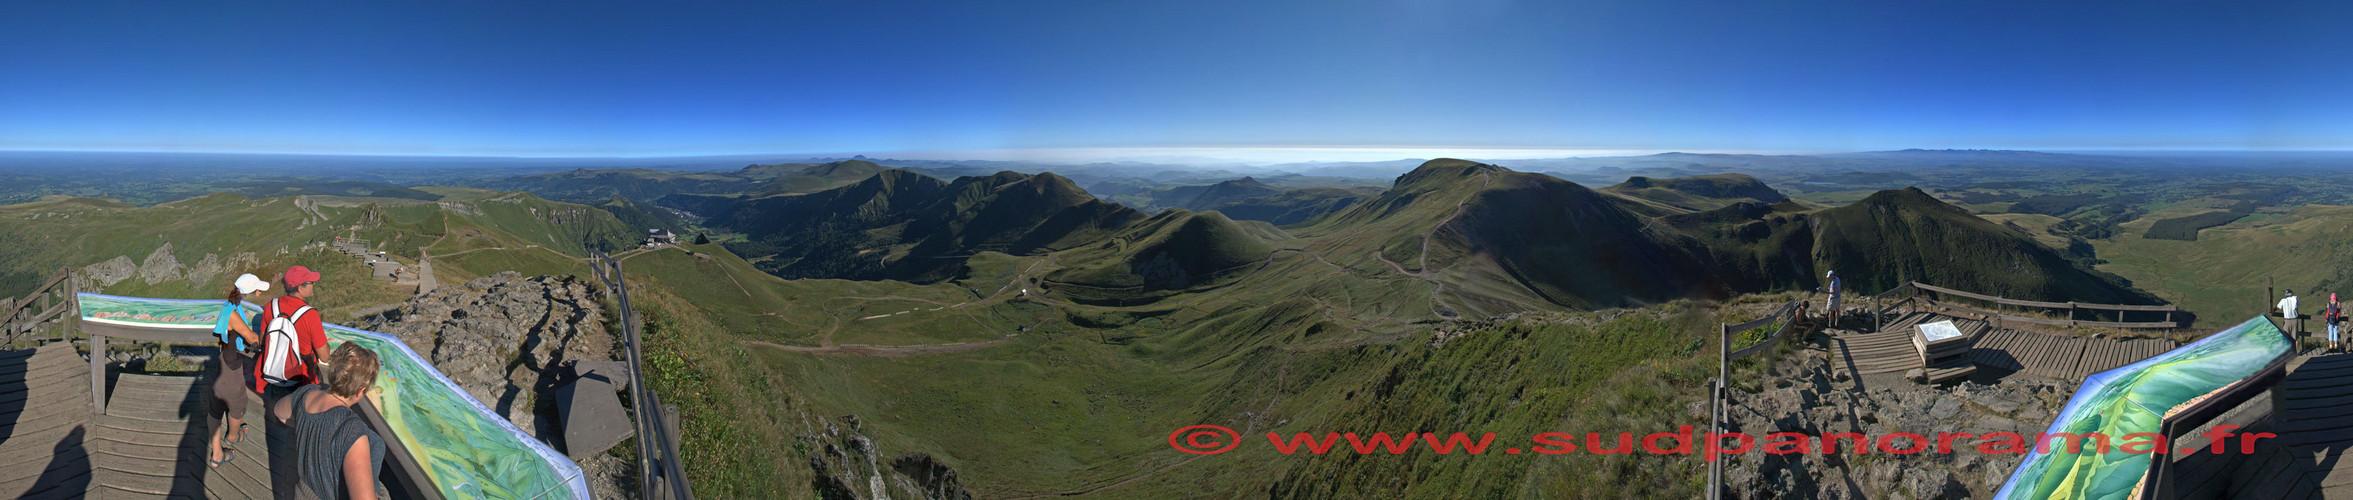 Le Puy de Sancy - un Volcan à 360° au coeur de l'Europe à 1886 mètres